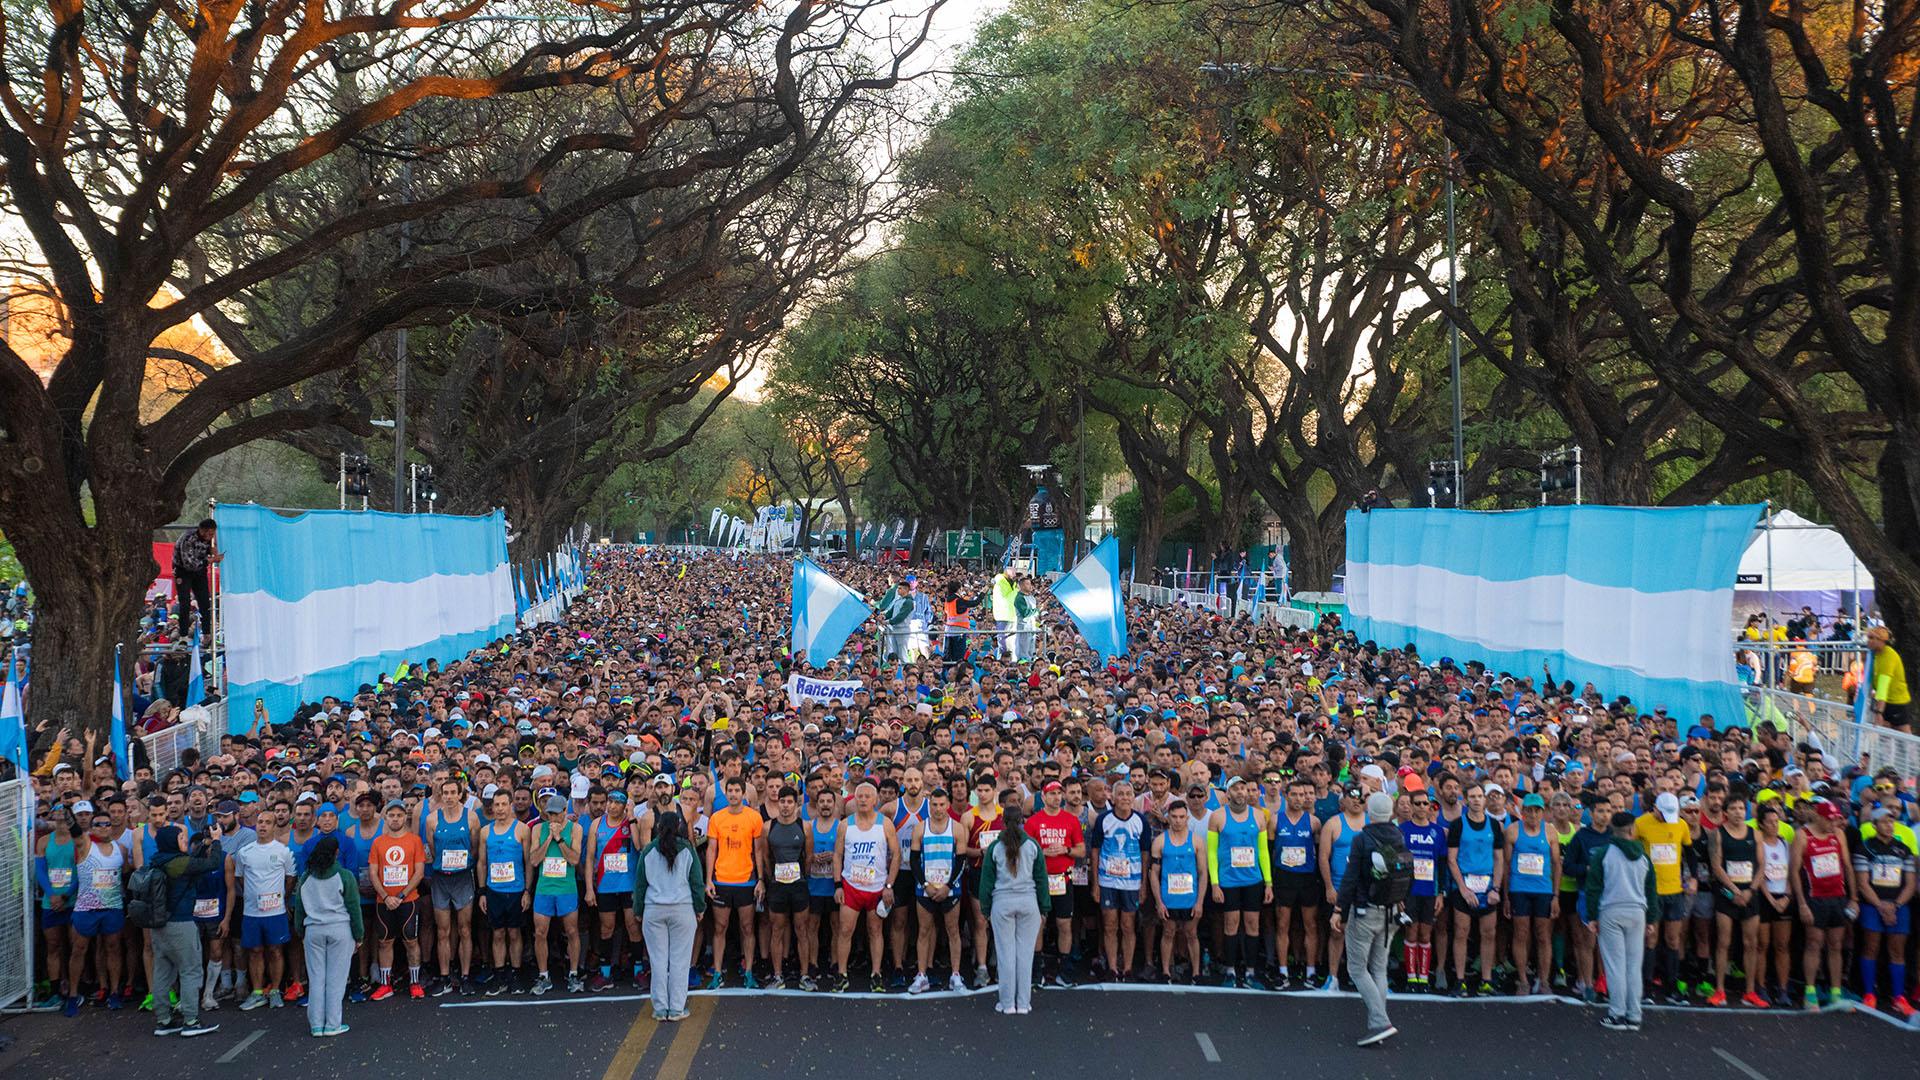 La maratón se inició poco después de las 7 de la mañana